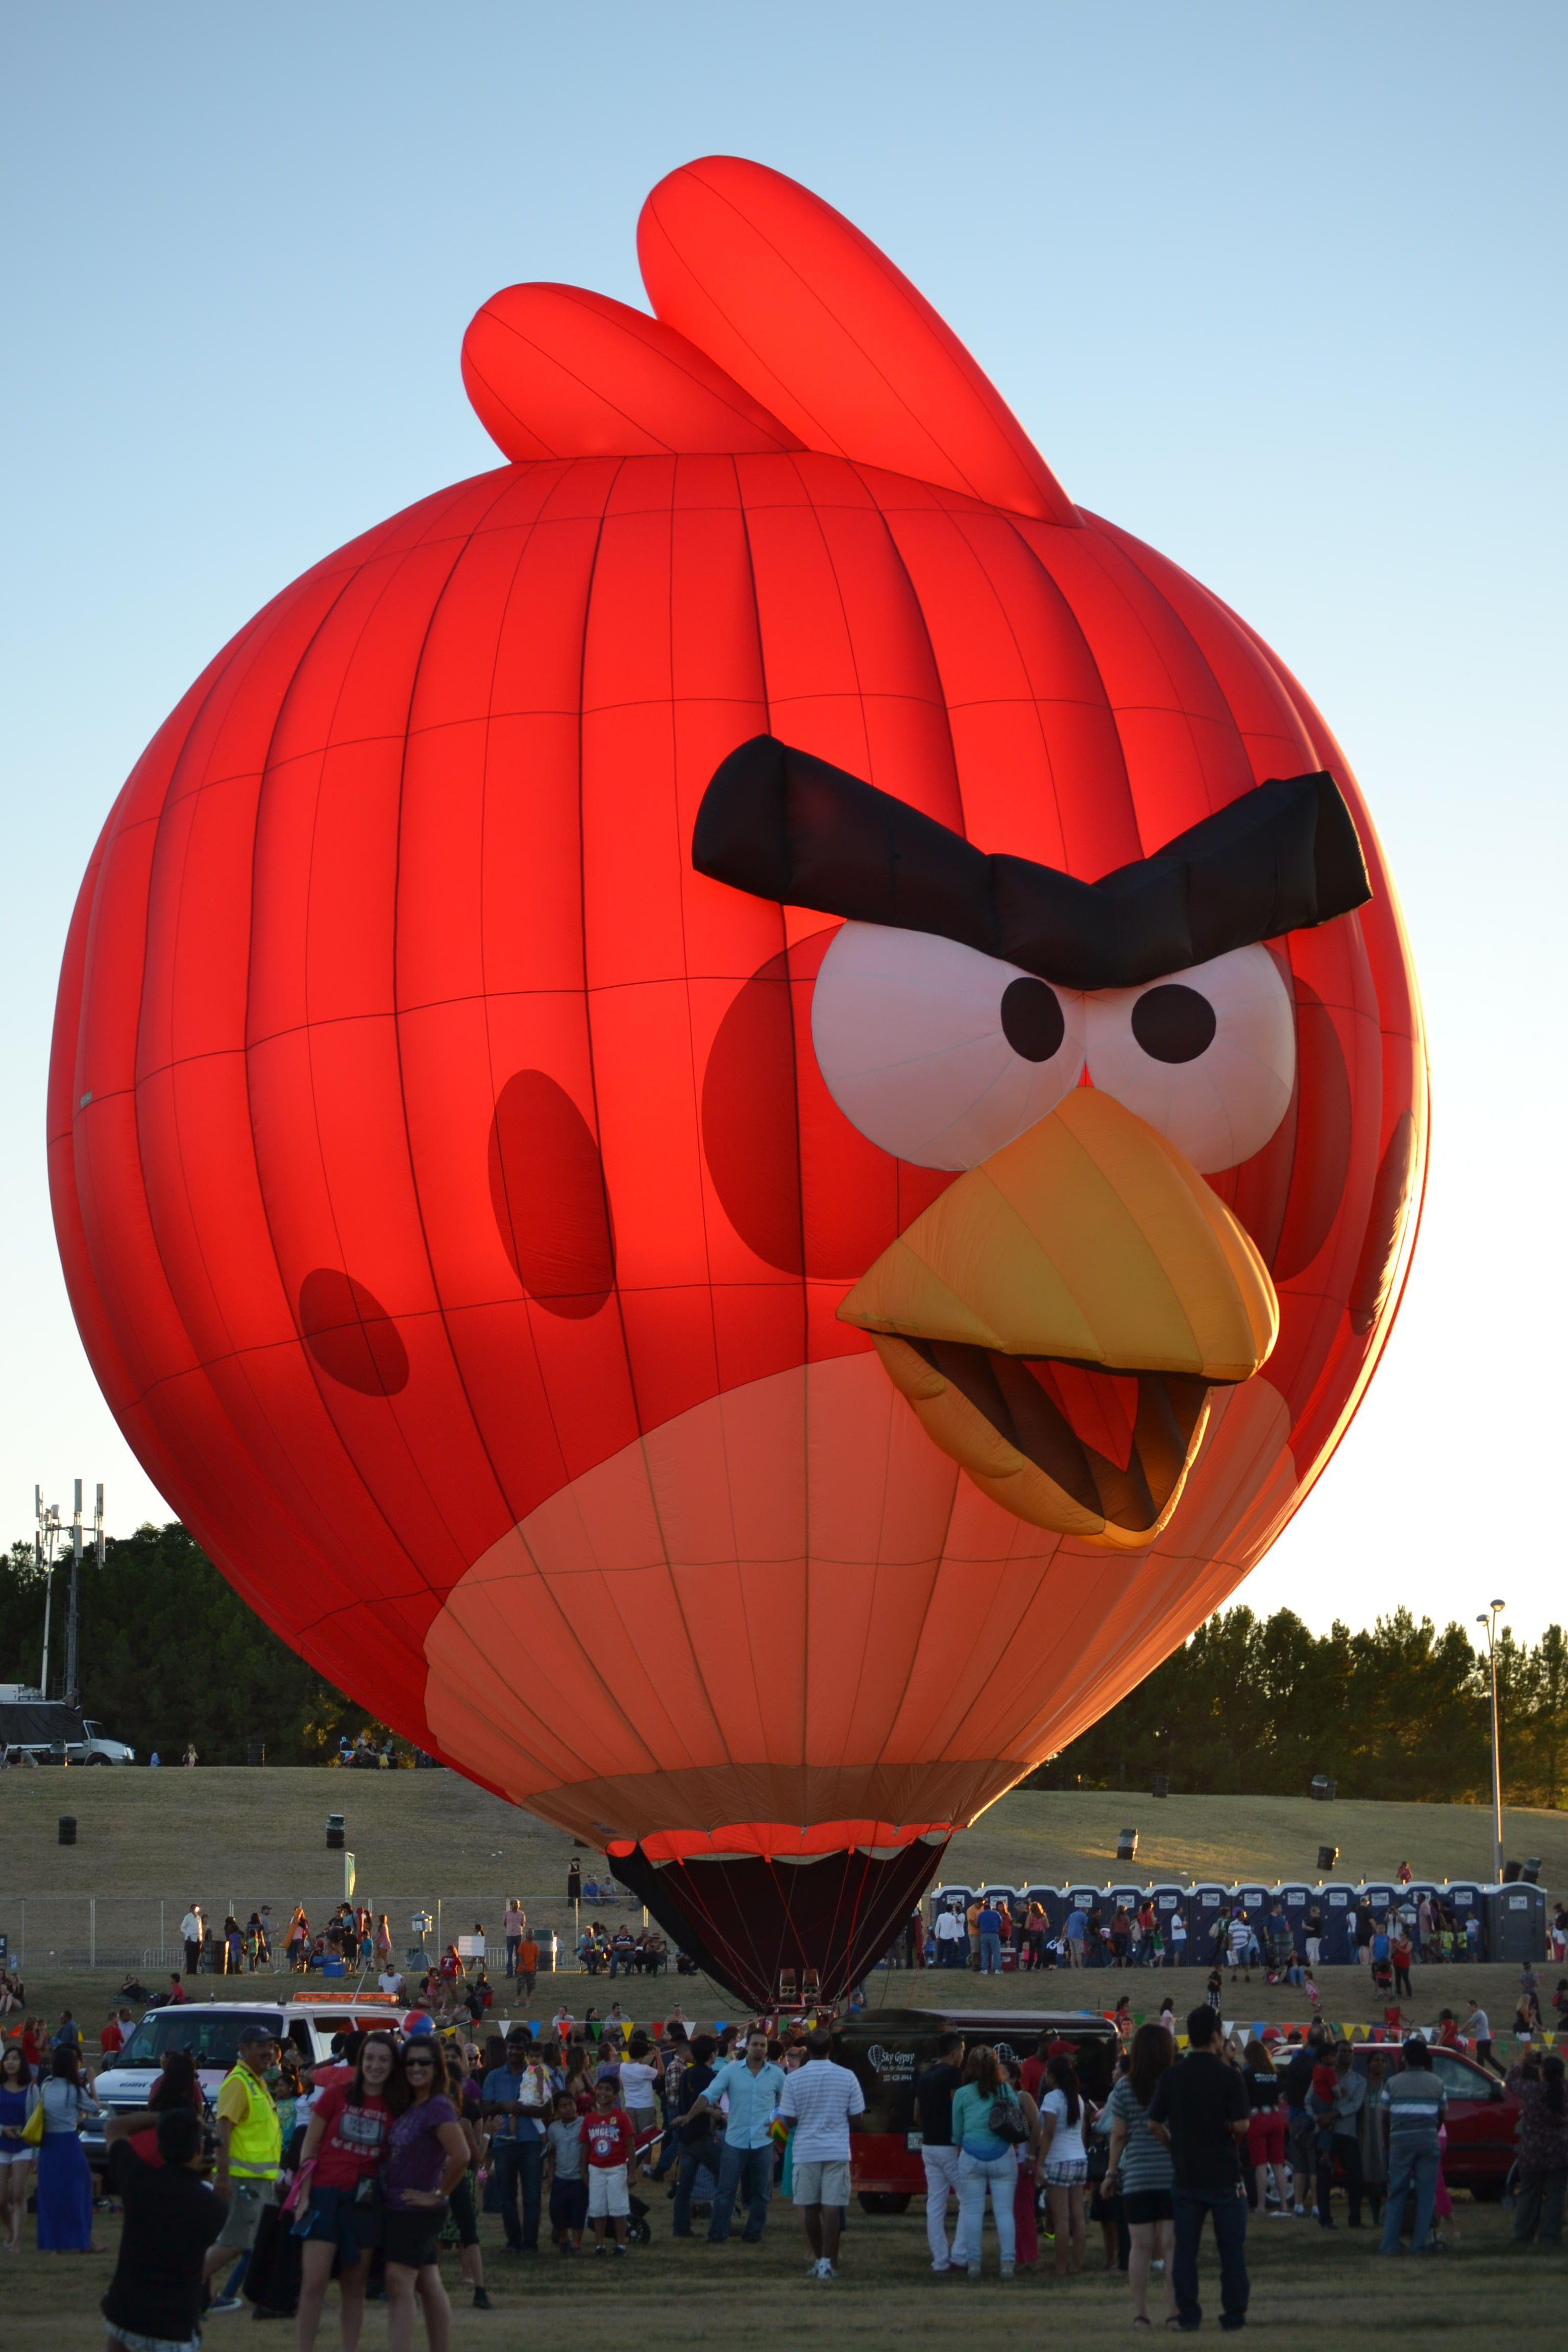 Official Site of the Plano Balloon Festival Air balloon